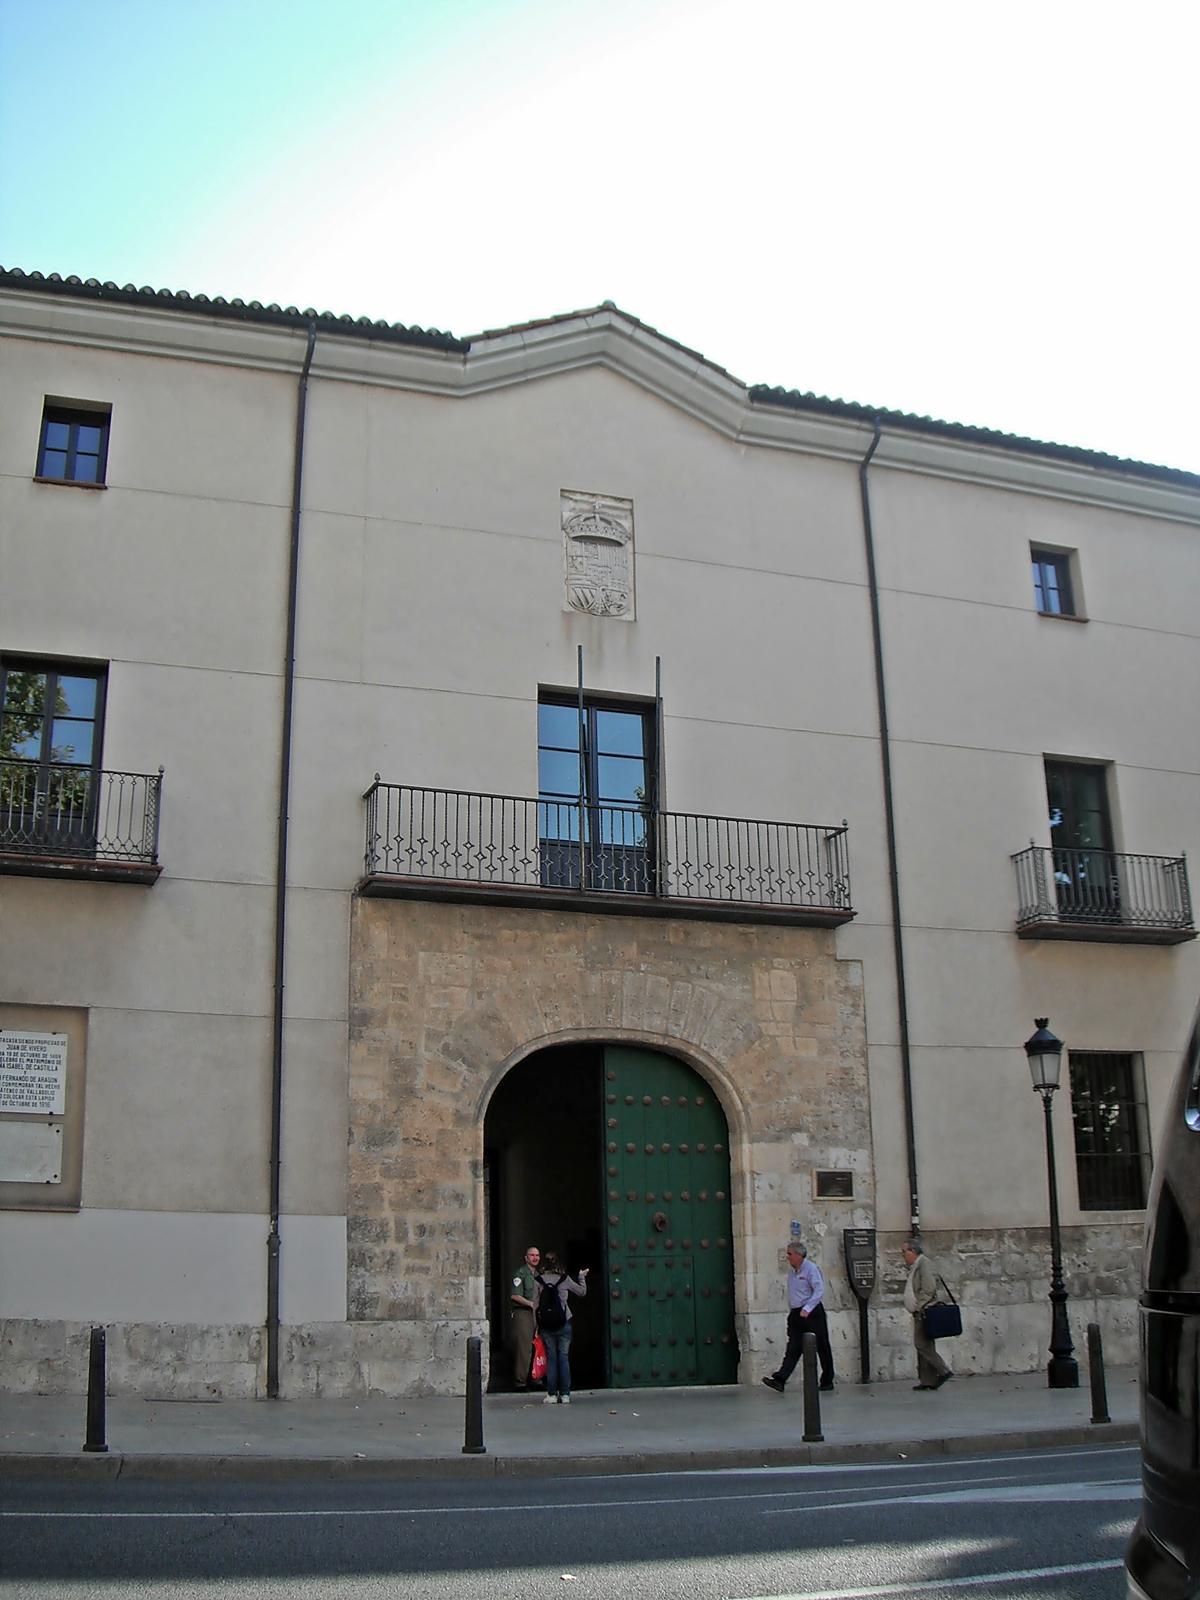 Archivo hist rico provincial de valladolid wikipedia la for Viveros valladolid